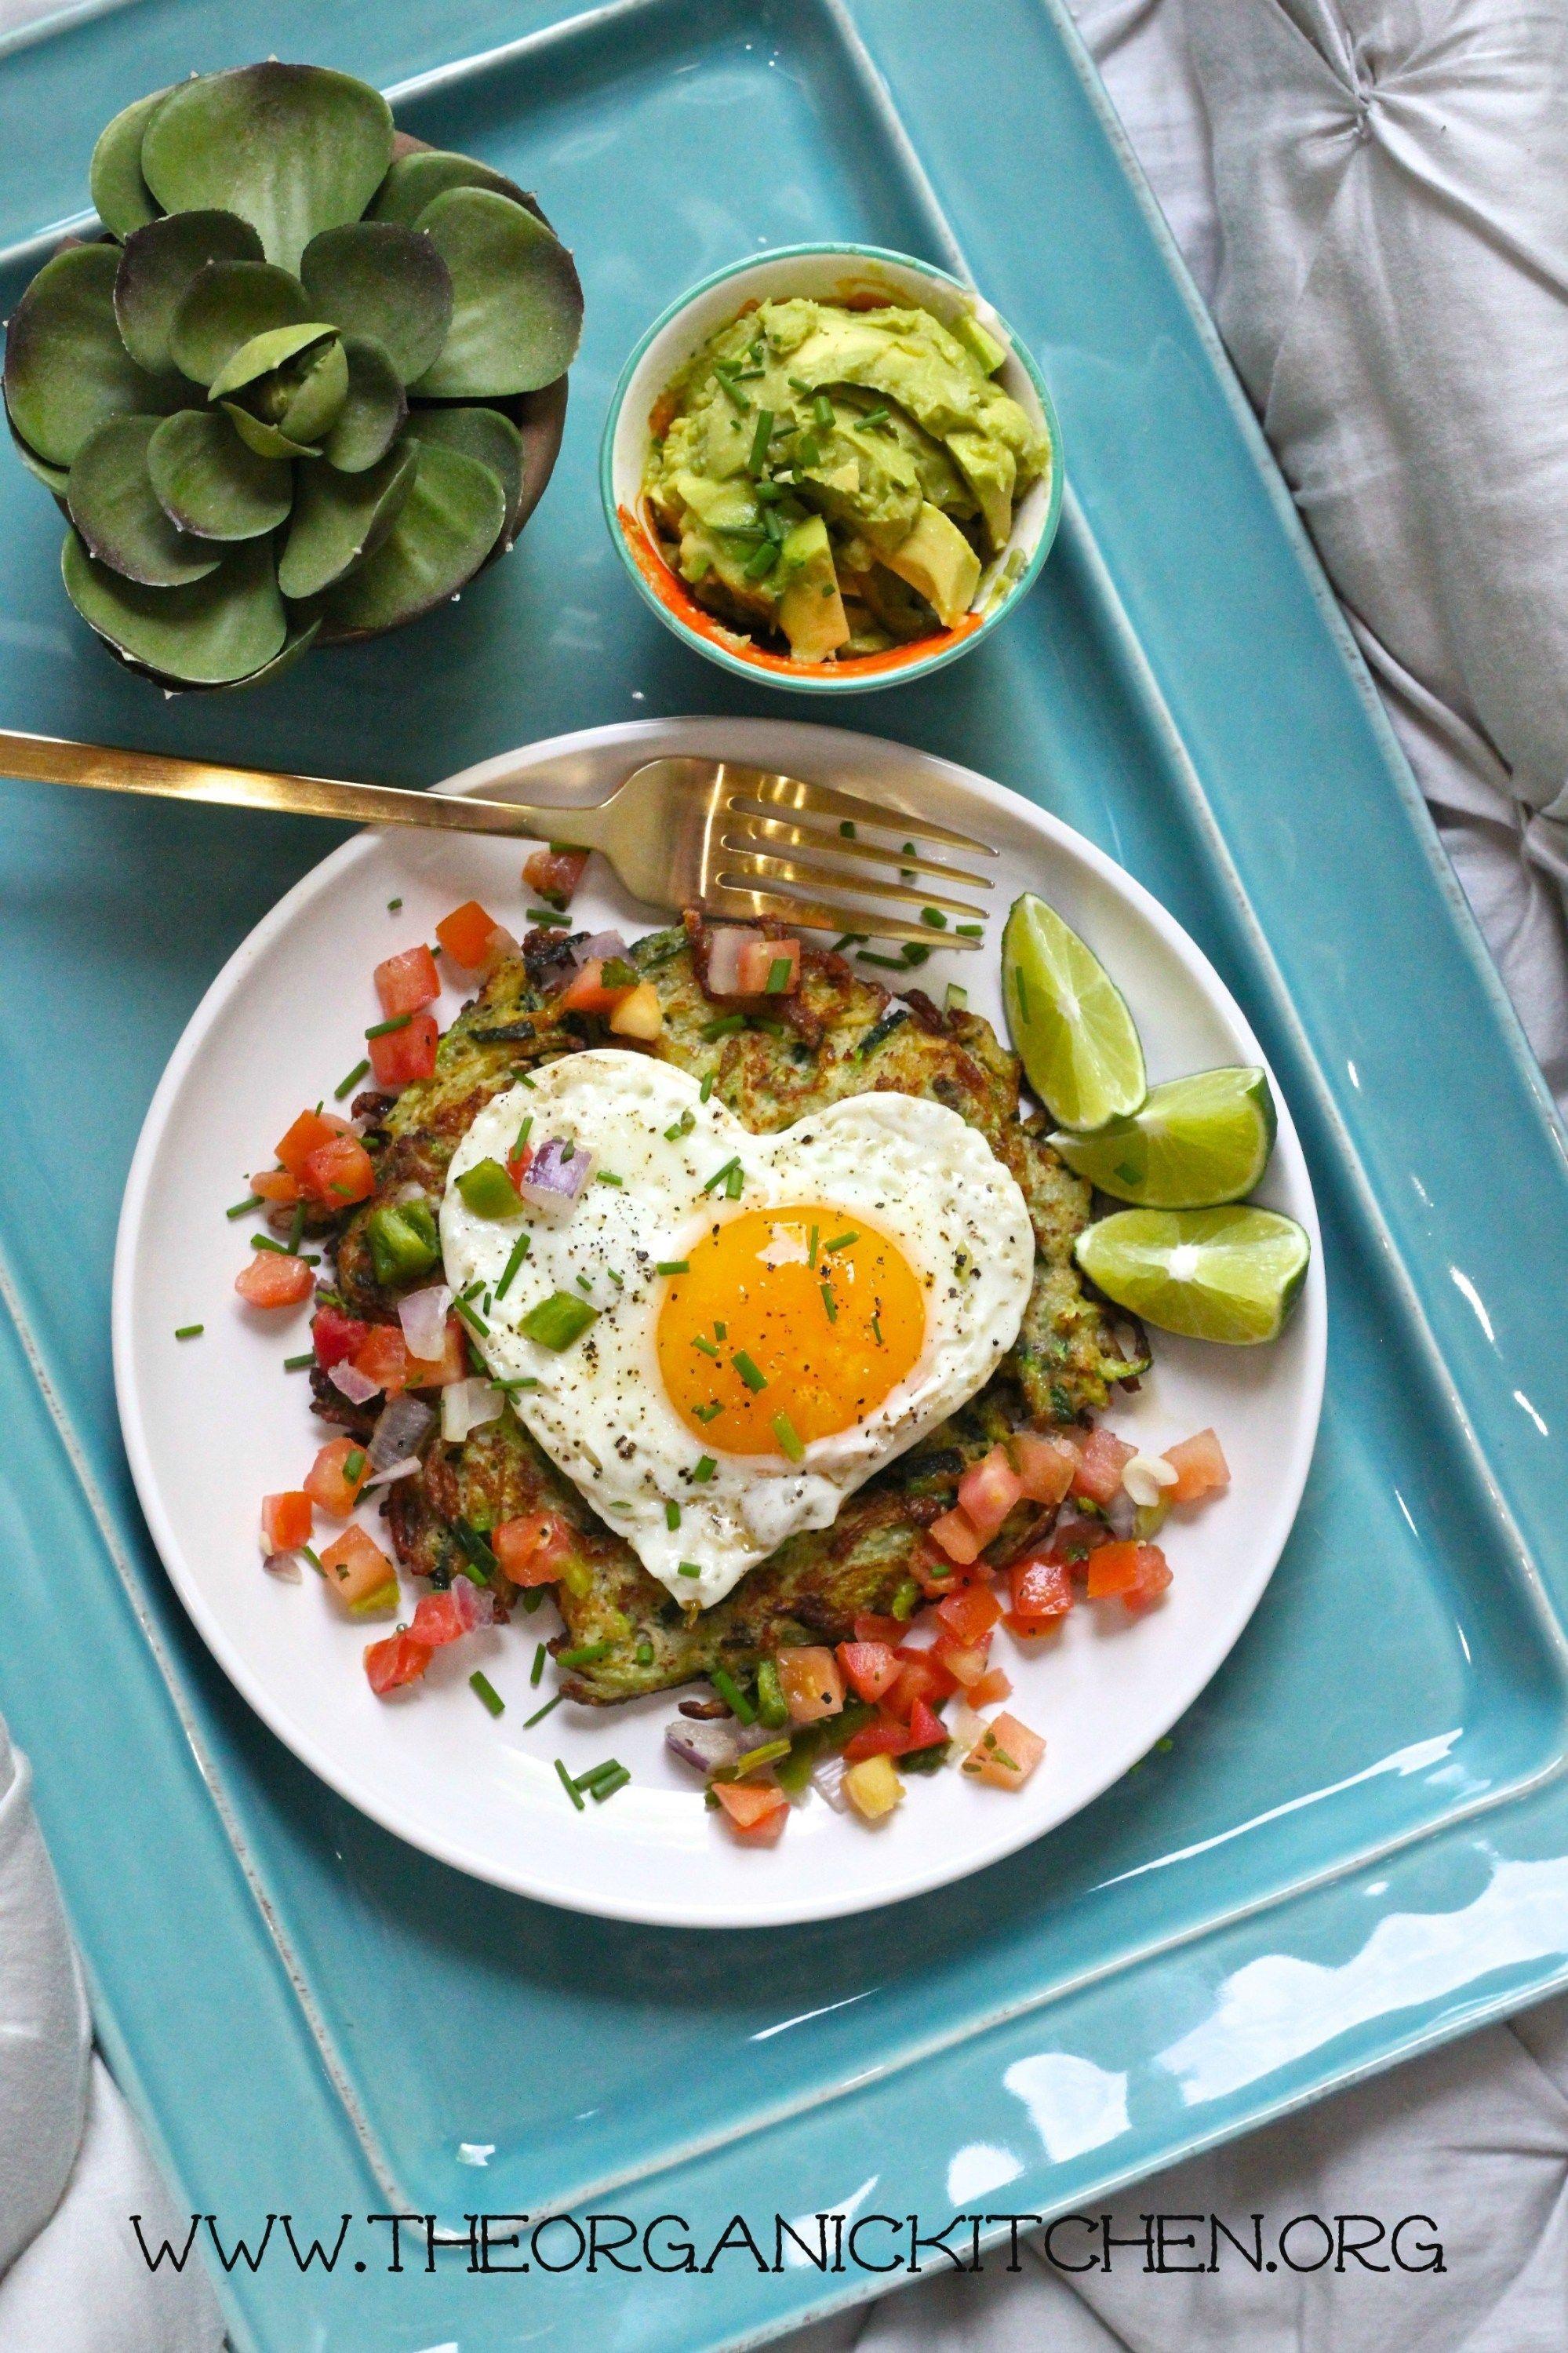 Paleowhole 30keto huevos rancheros recipe paleo